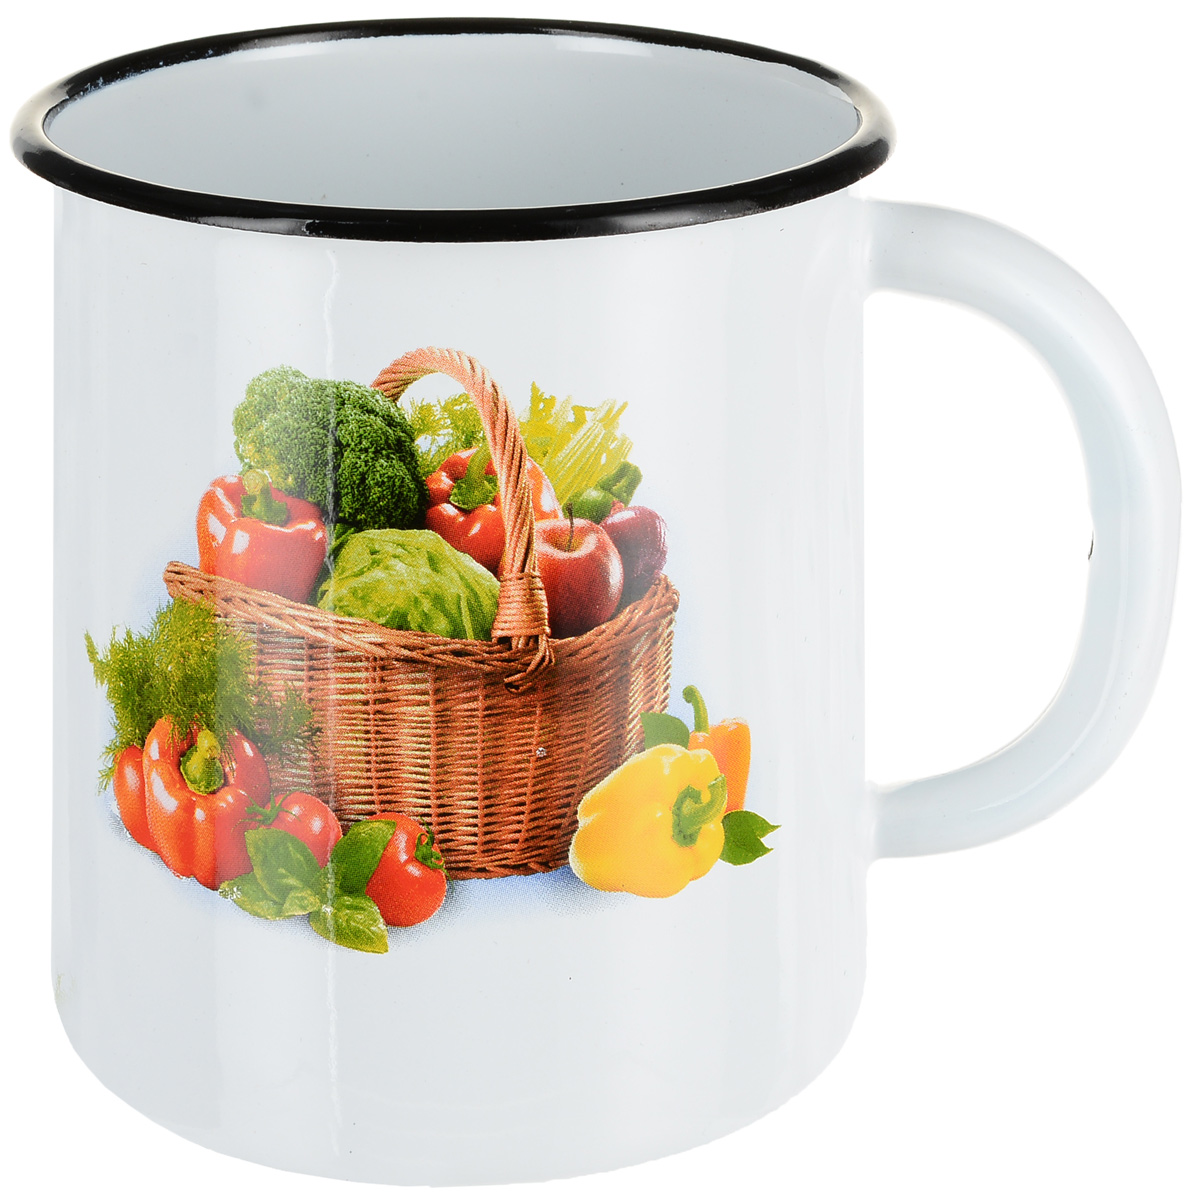 Кружка эмалированная СтальЭмаль Овощи, цвет: белый, 1 л кружка эмалированная стальэмаль клубника 1 л